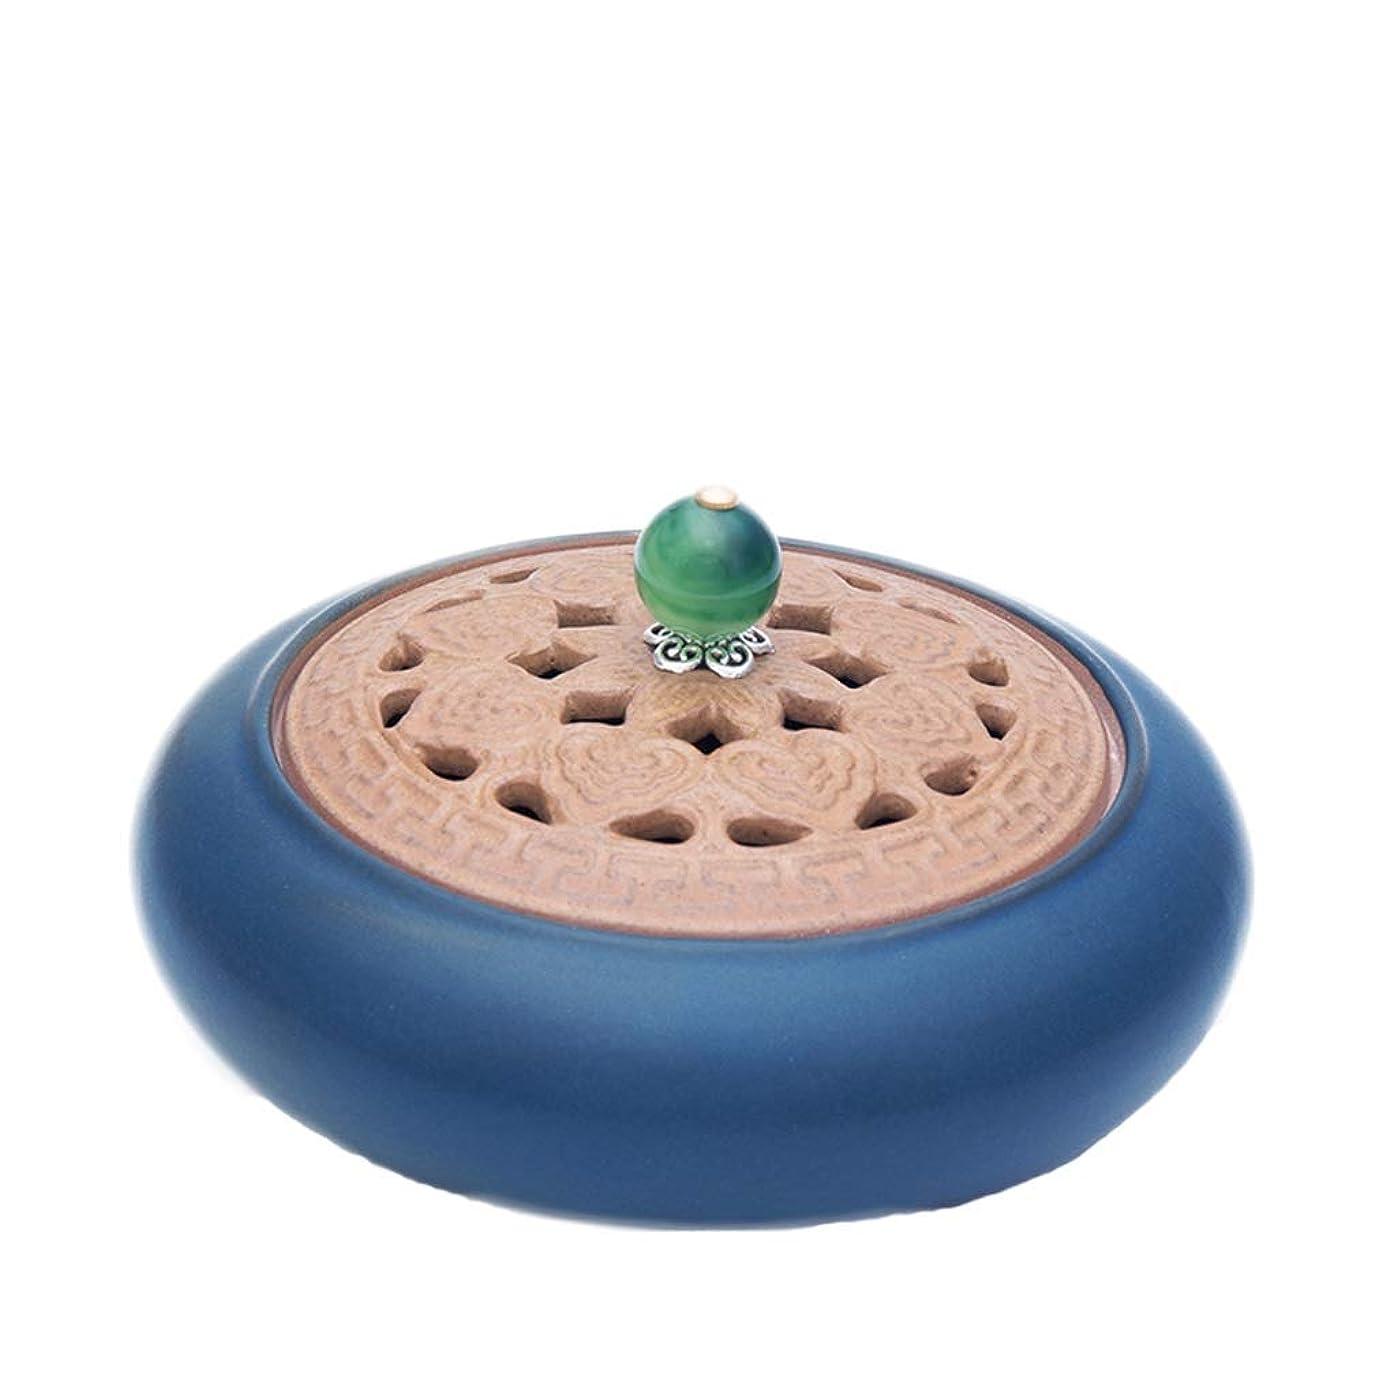 不当単語耐えられる芳香器?アロマバーナー アンティークセラミック小さな香バーナーホームインドアガーウッドハース香純粋な銅白檀炉アロマテラピー炉 アロマバーナー (Color : Green)